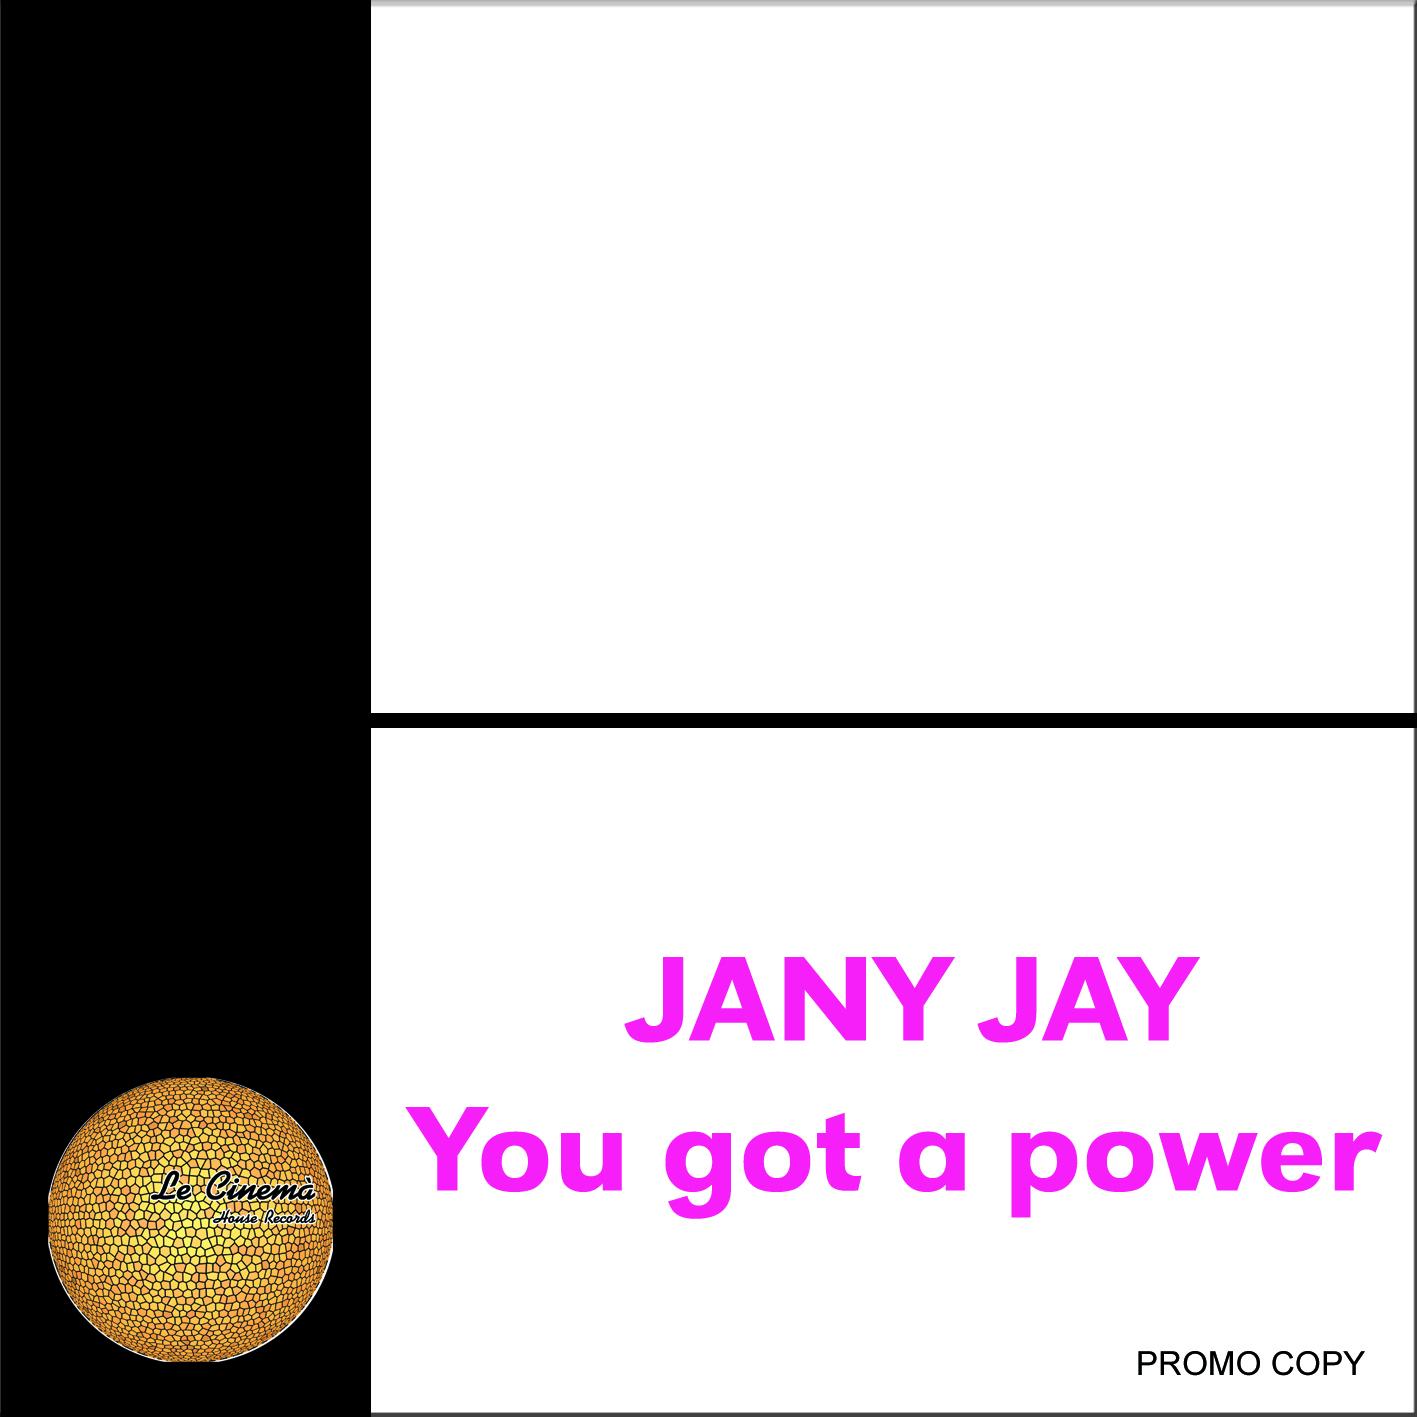 Jany Jay-You got a power